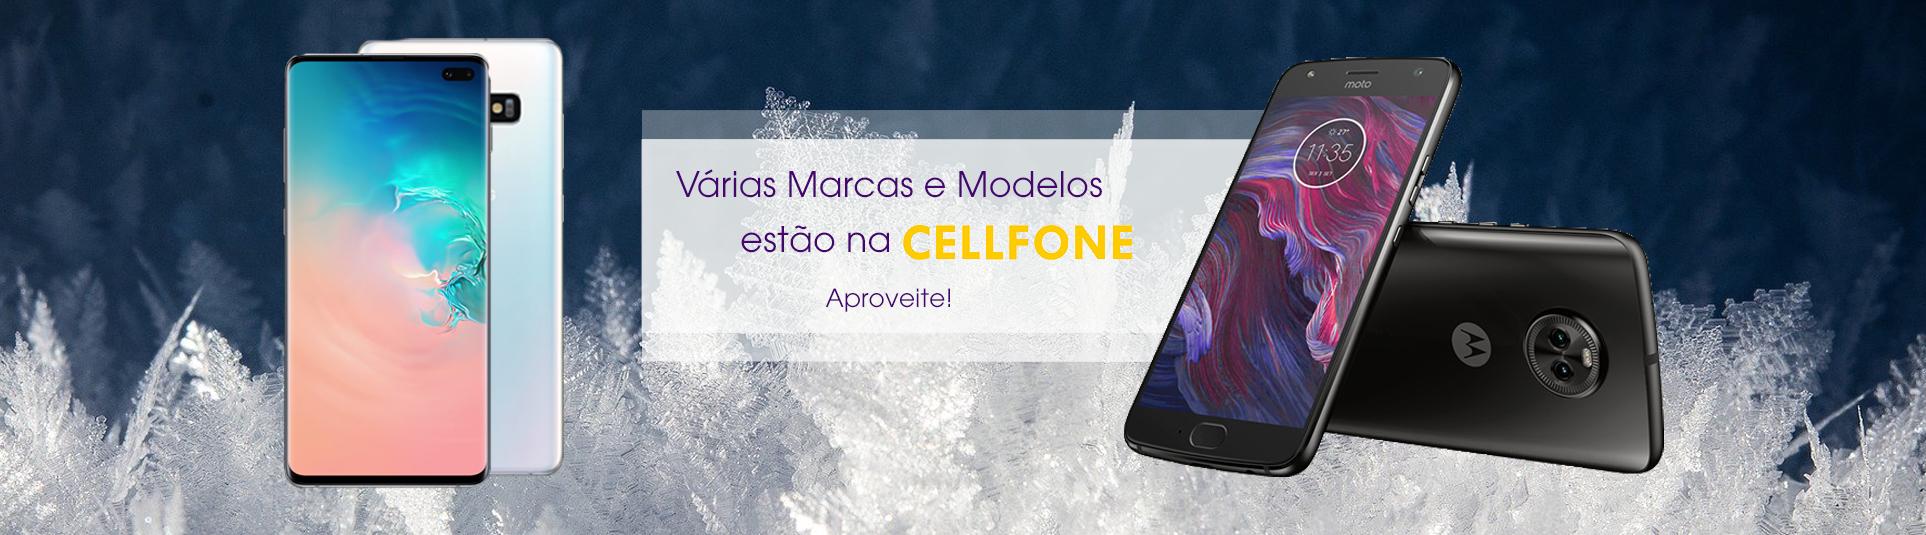 Inverno Cellfone